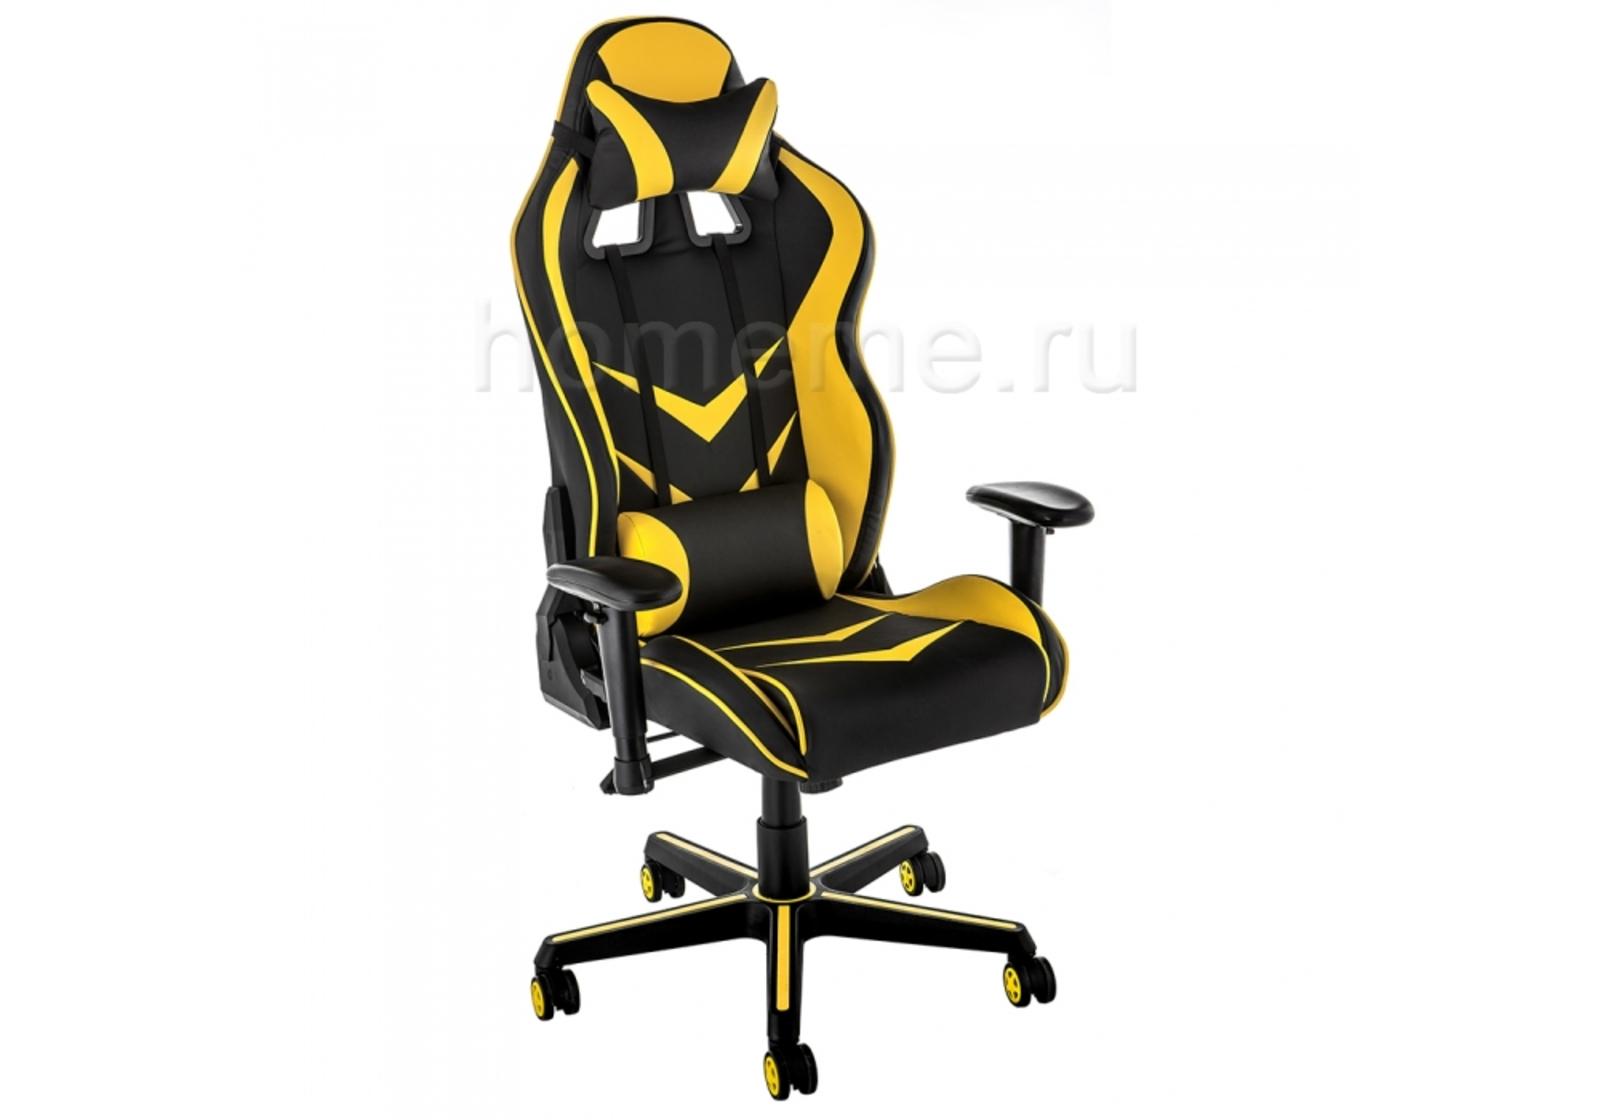 Компьютерное кресло Racer черное / желтое 11379 Racer черное / желтое 11379 (16645) фото